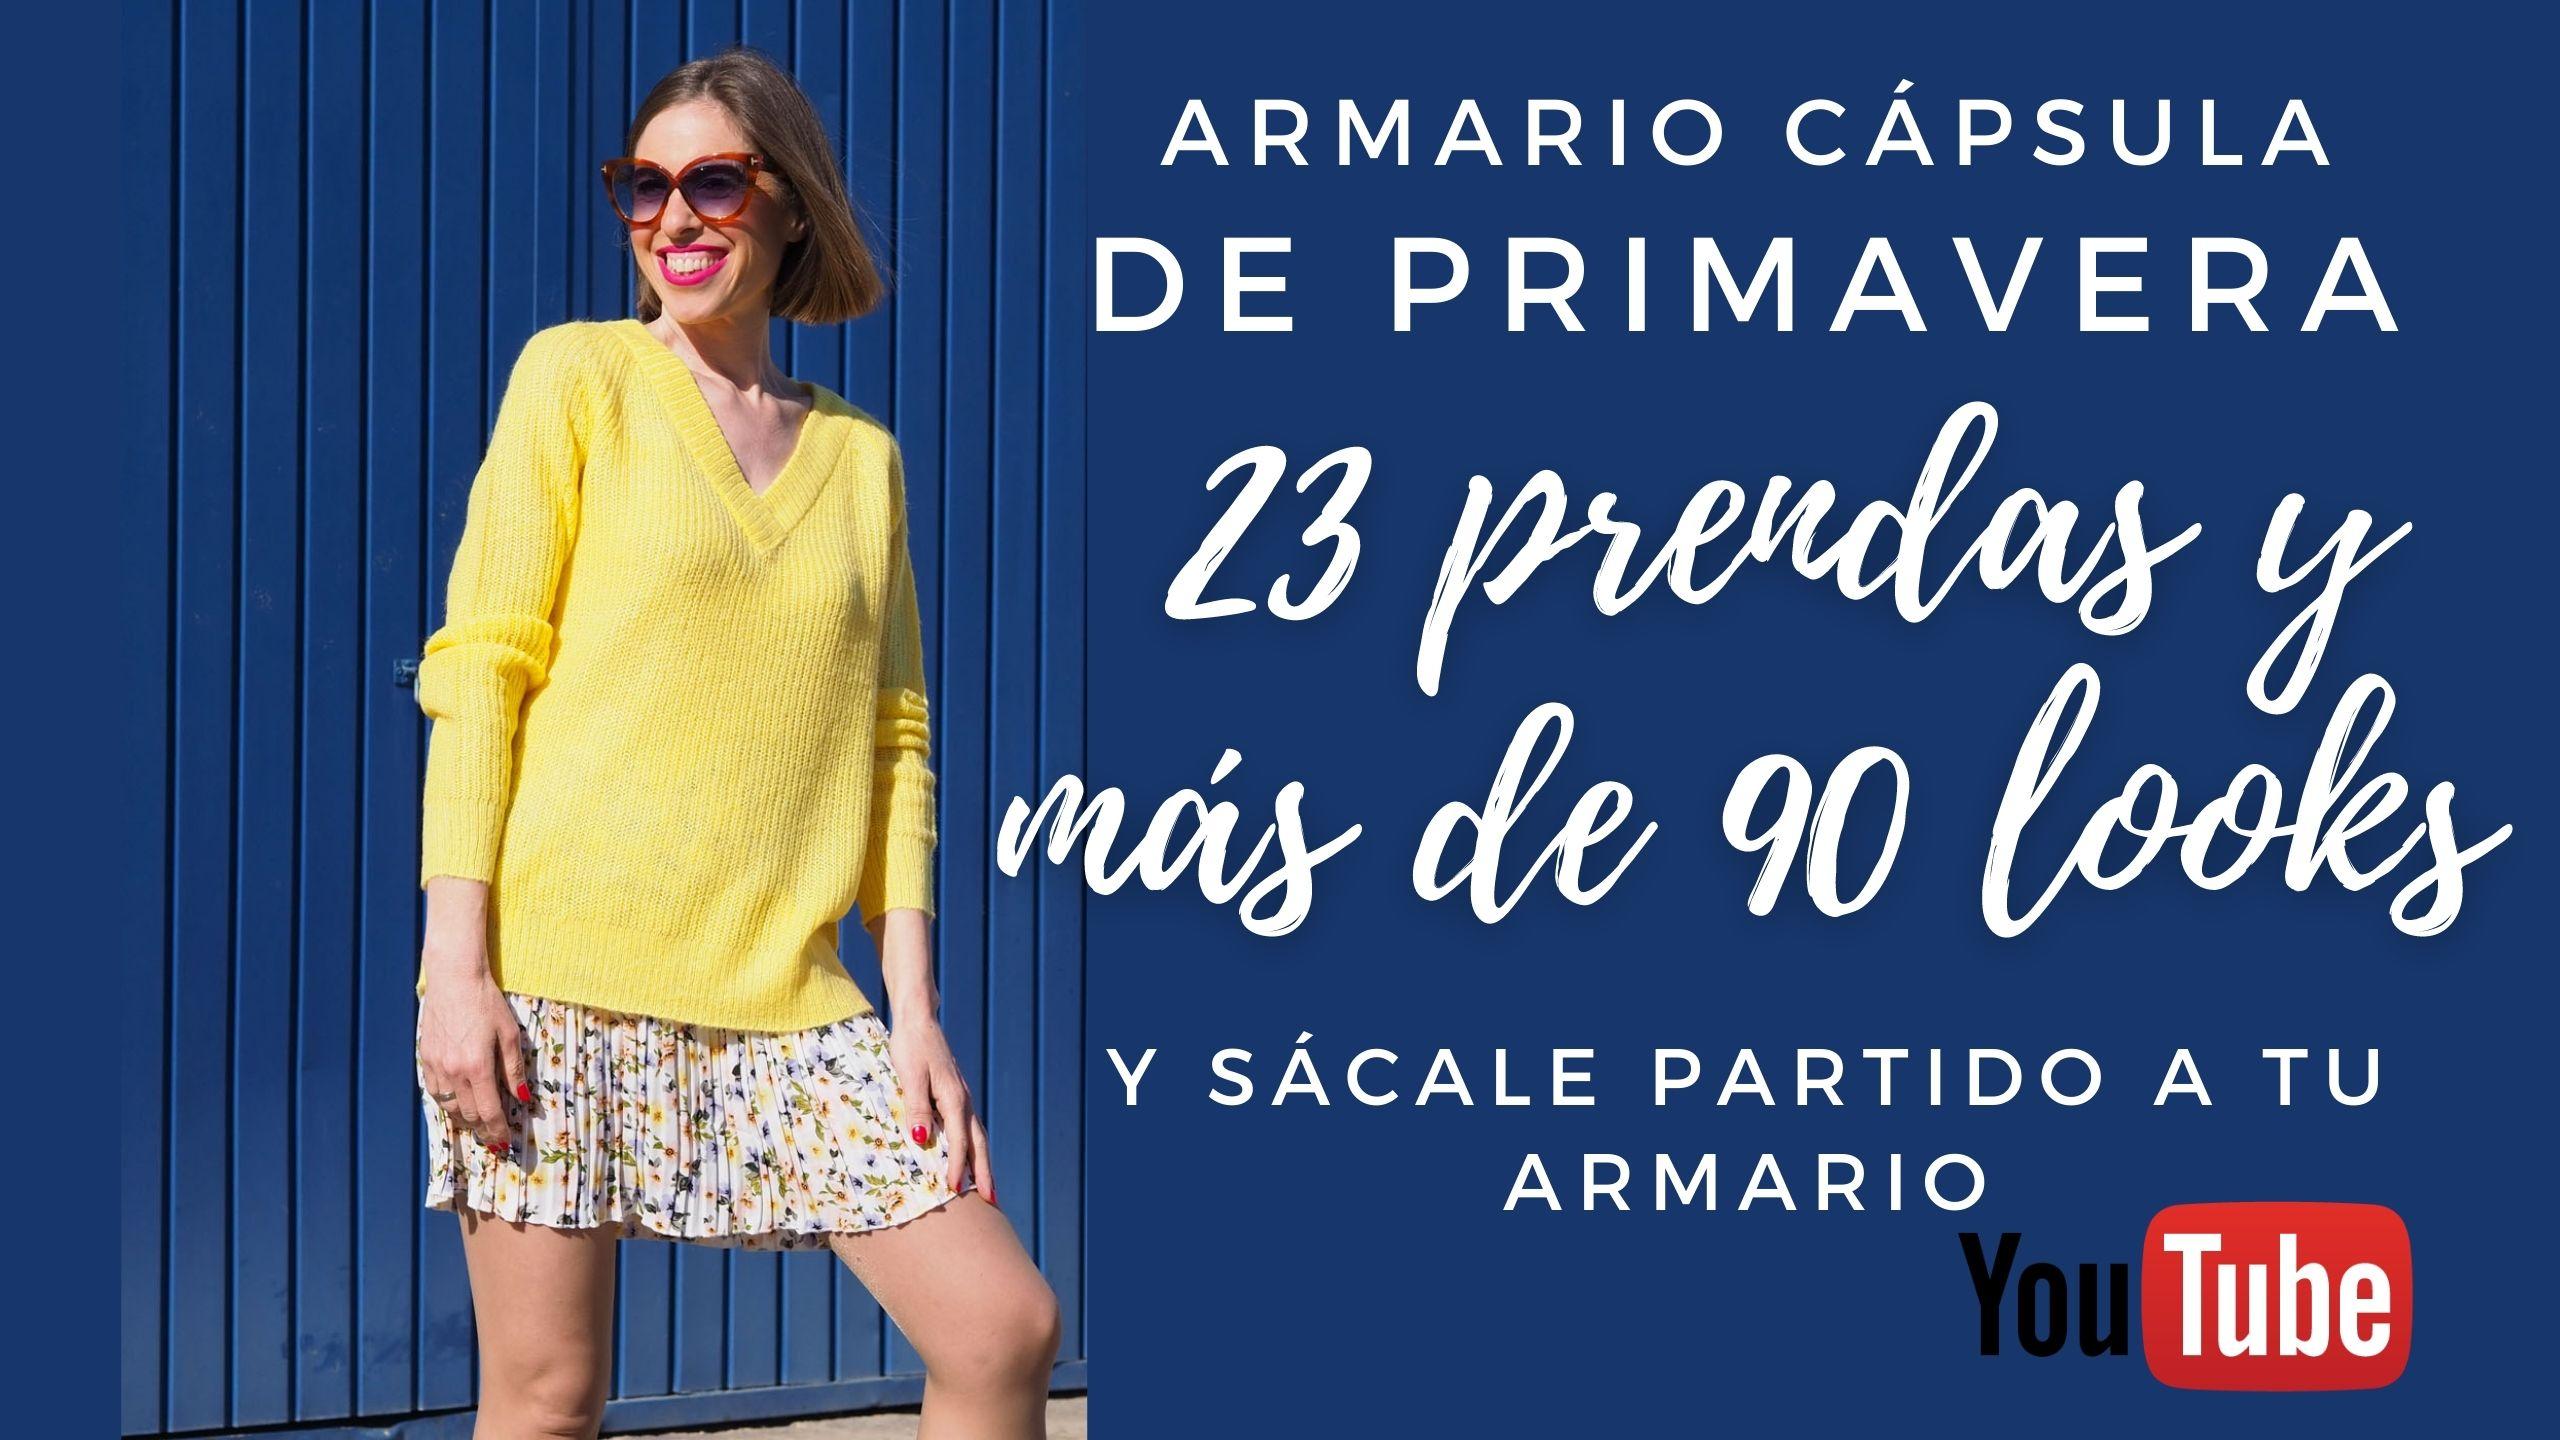 ARMARIO CÁPSULA PRIMAVERA: 23 prendas y más de 90 looks. VÍDEO